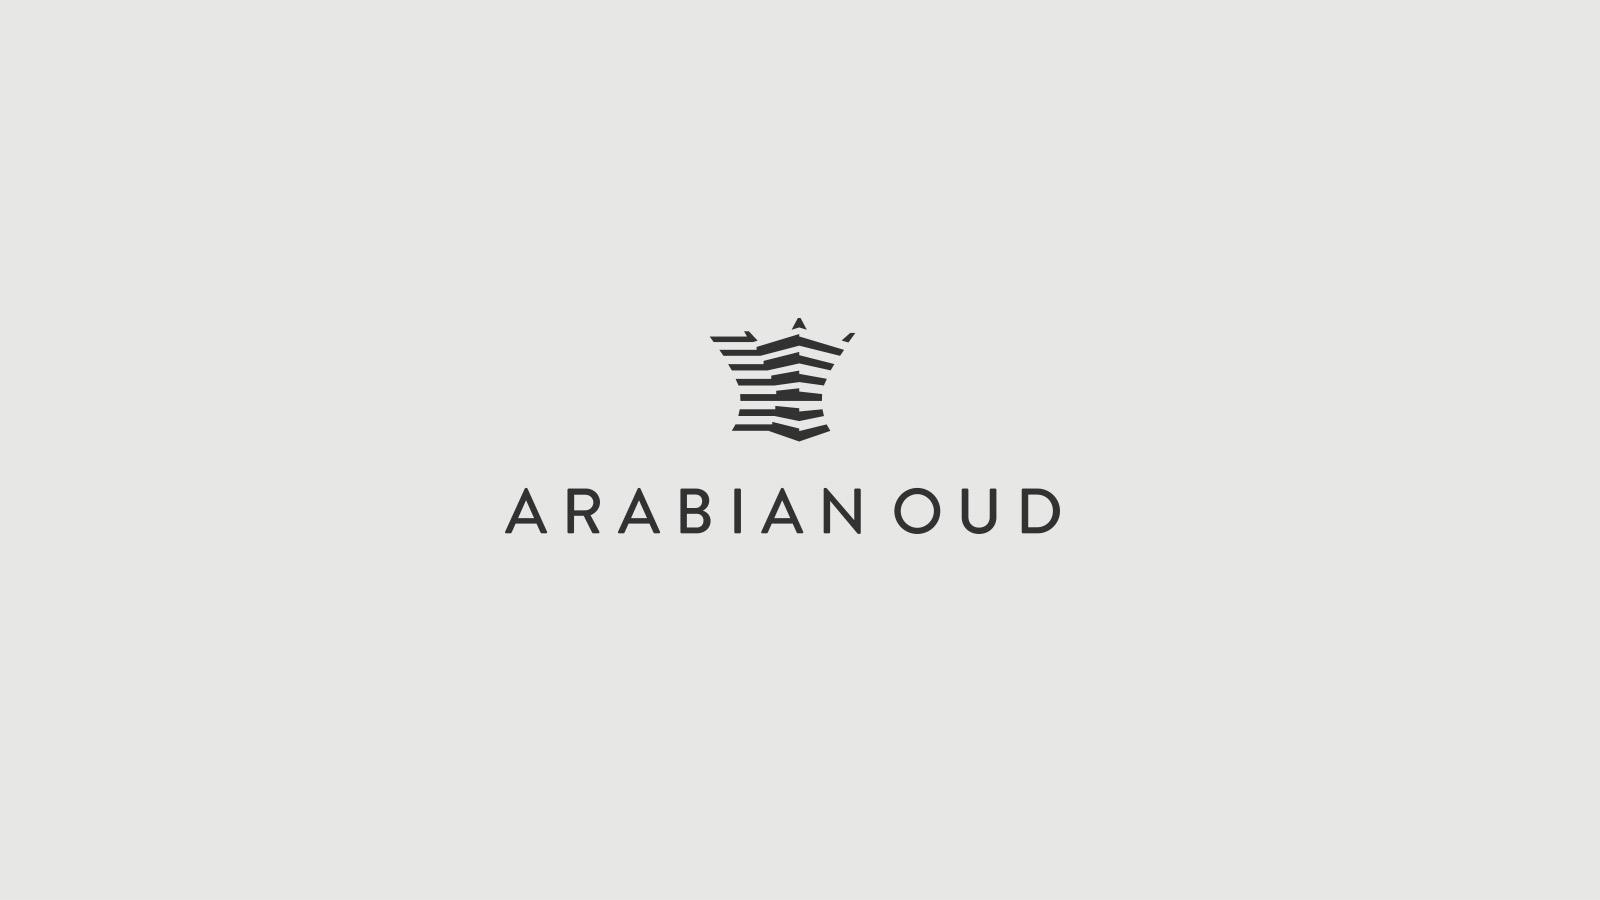 Arabian Oud